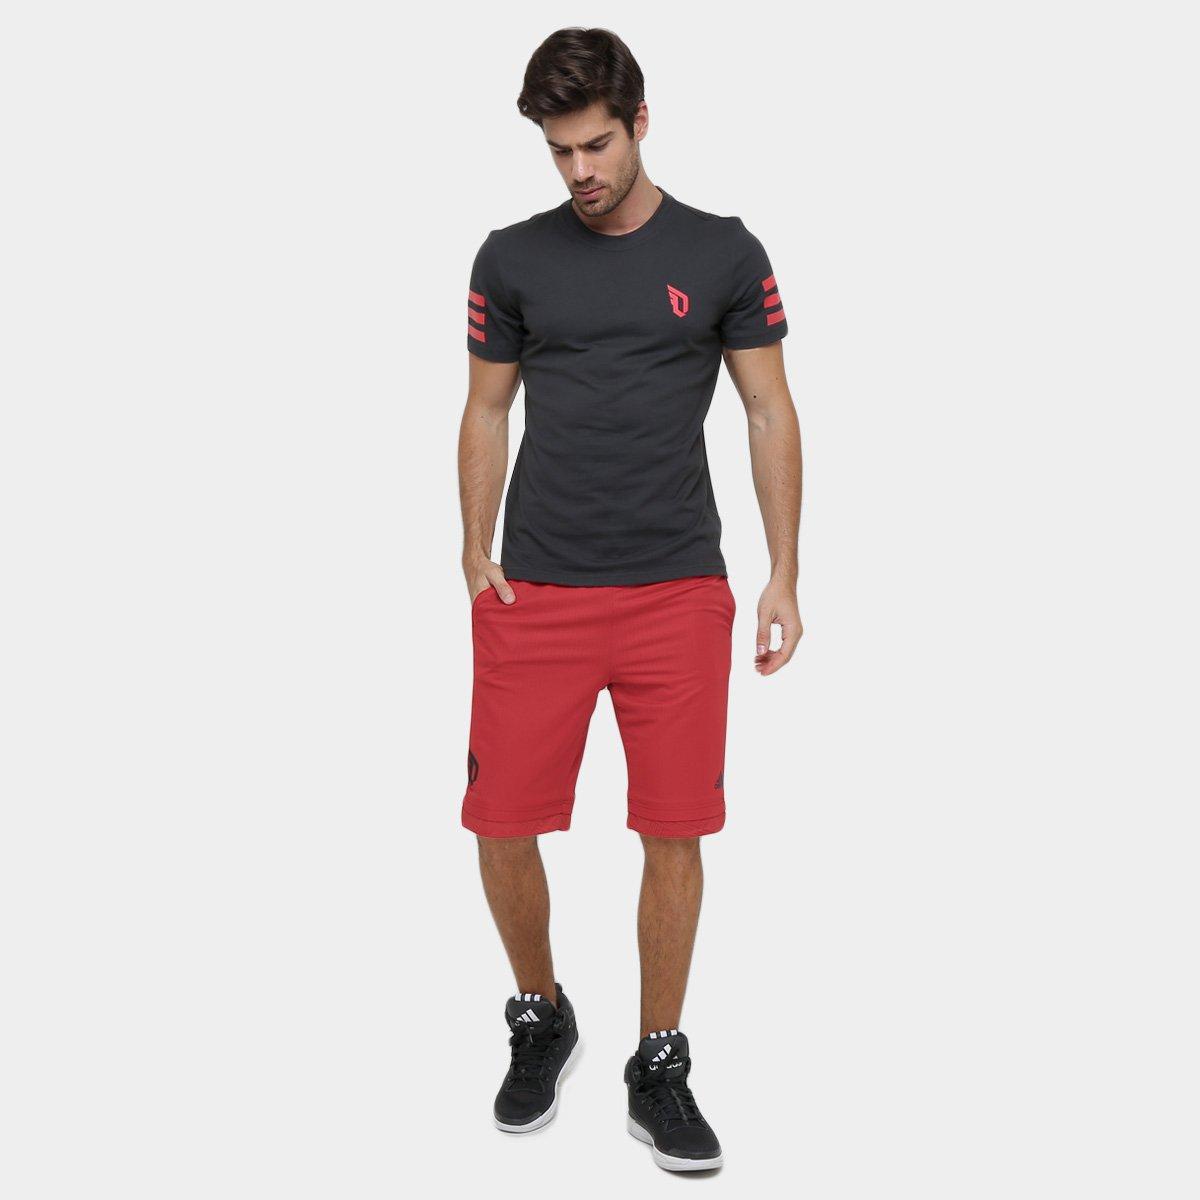 Adidas Camiseta Deportiva Adidas Hombre - Falabella.com